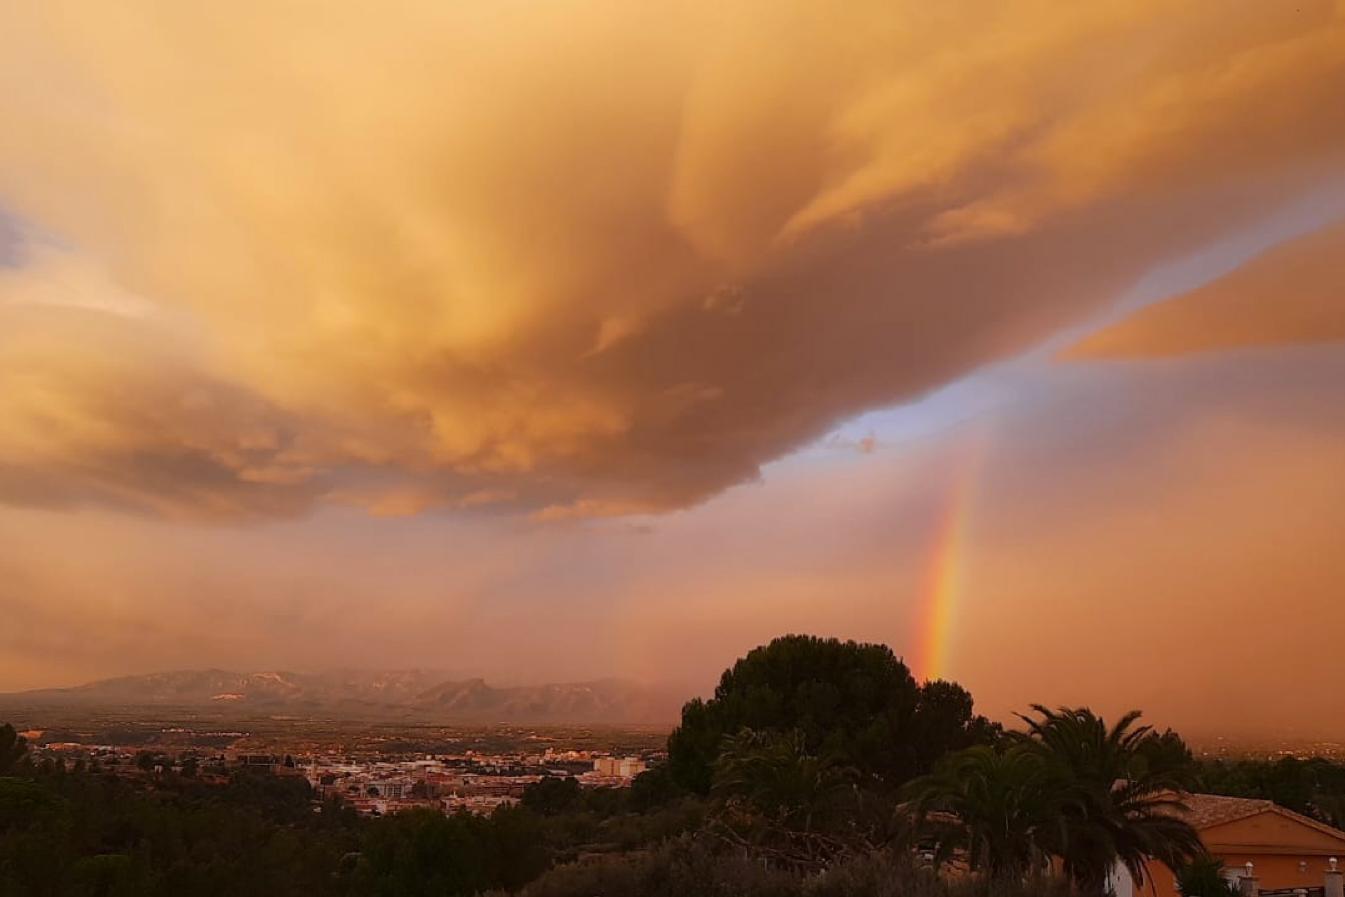 Sonnenaufgang in Katalonien. Foto: Andrea Eimke.